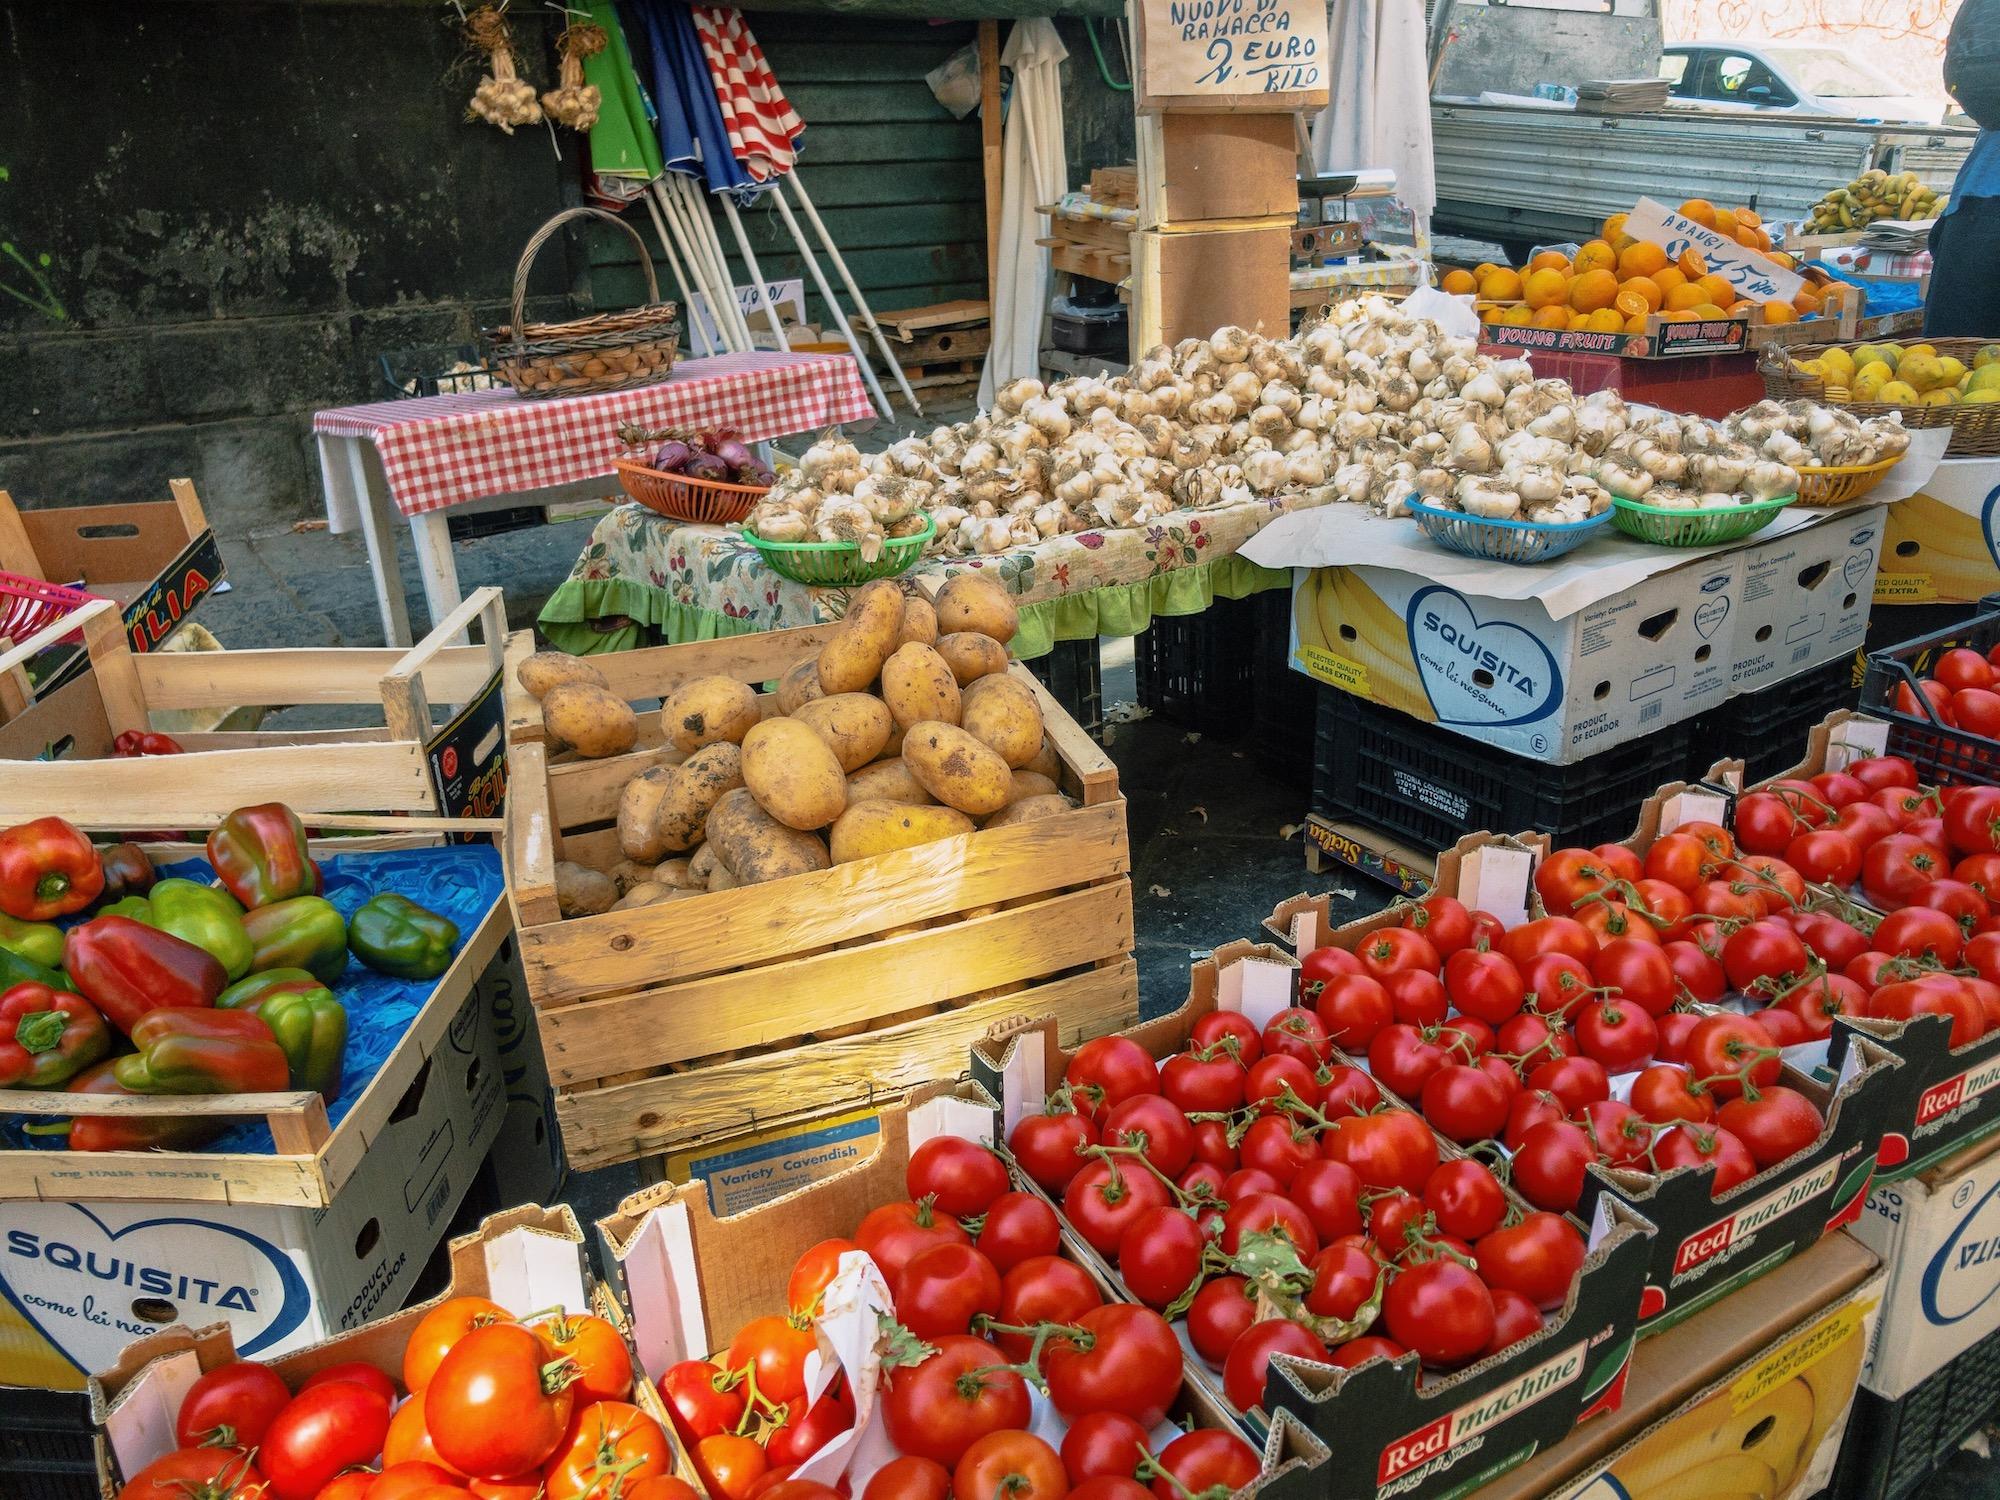 Catania Market Fresh Vegetables.JPG